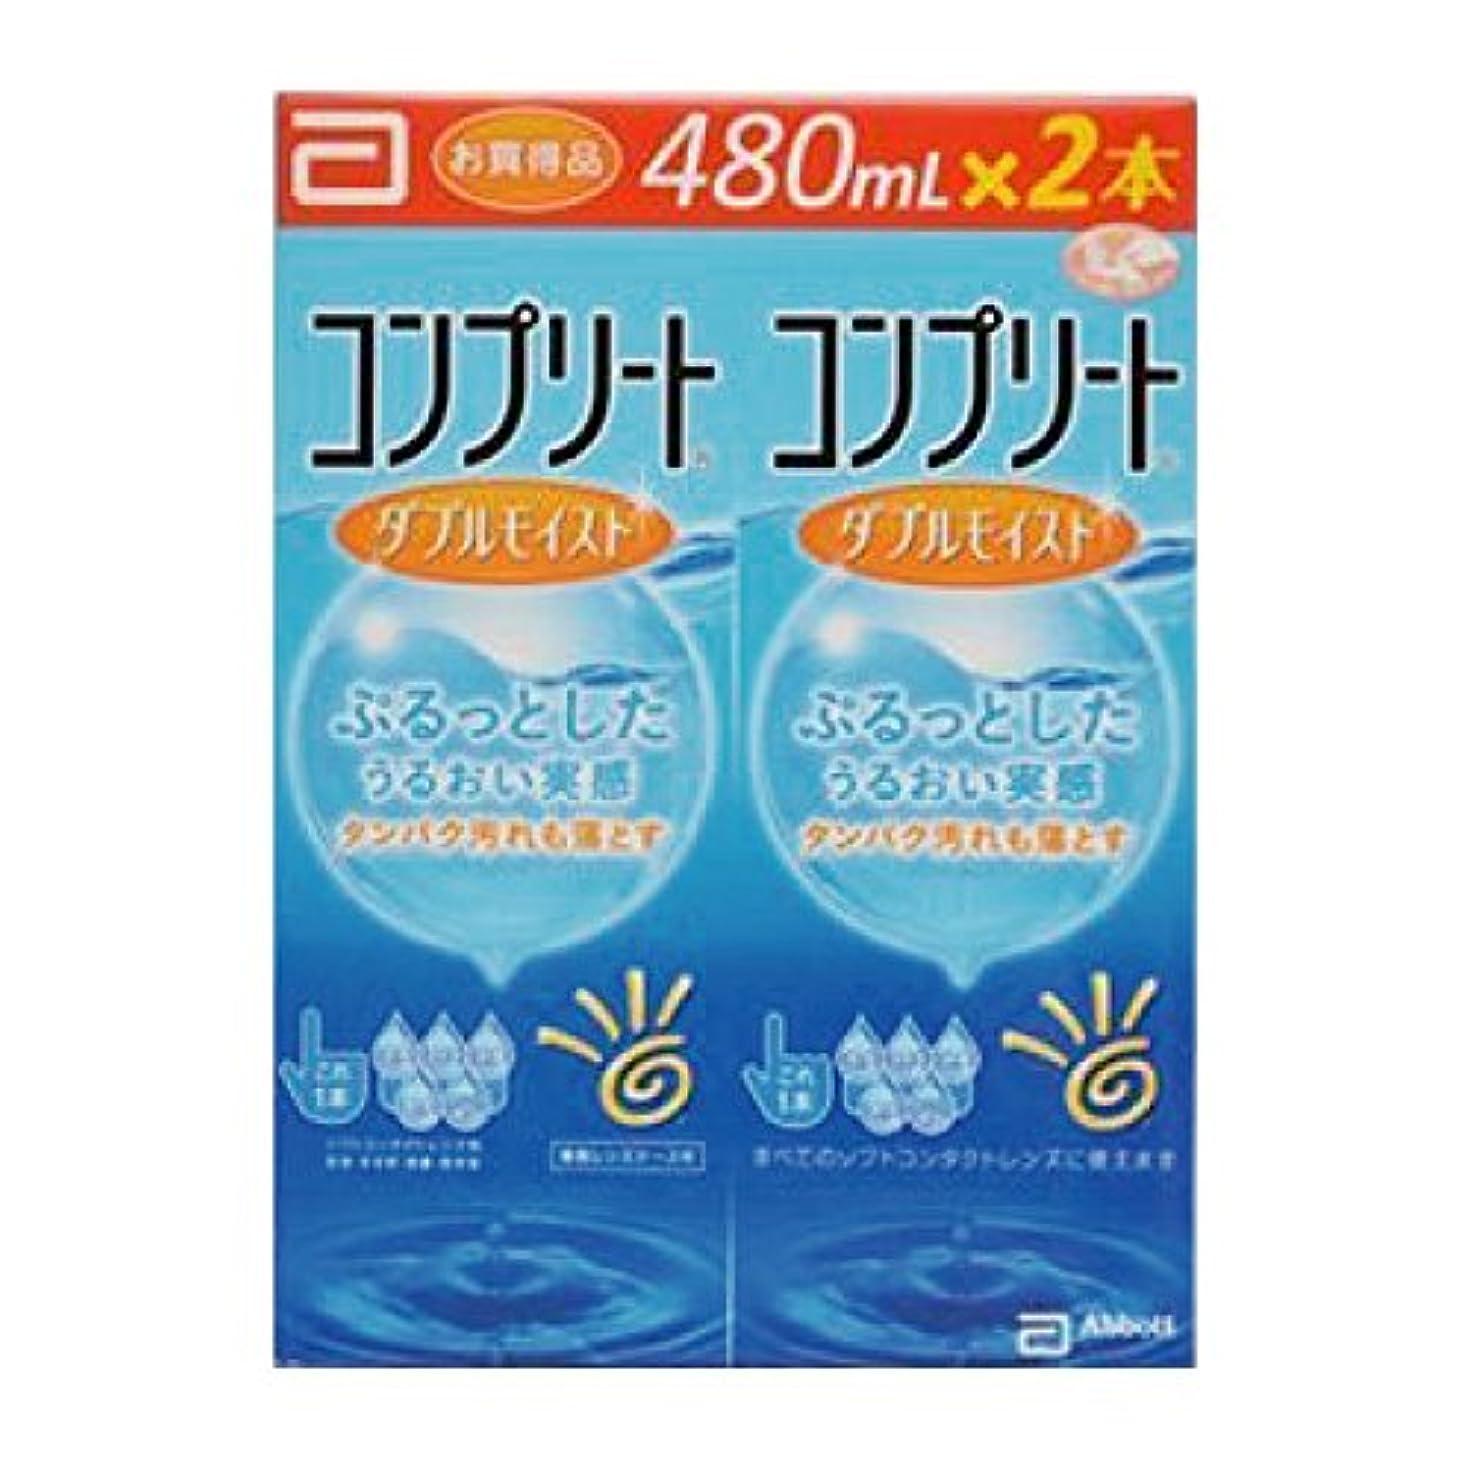 想像する会社合わせてコンタクト洗浄液 コンプリートダブルモイスト480ml 2本セット